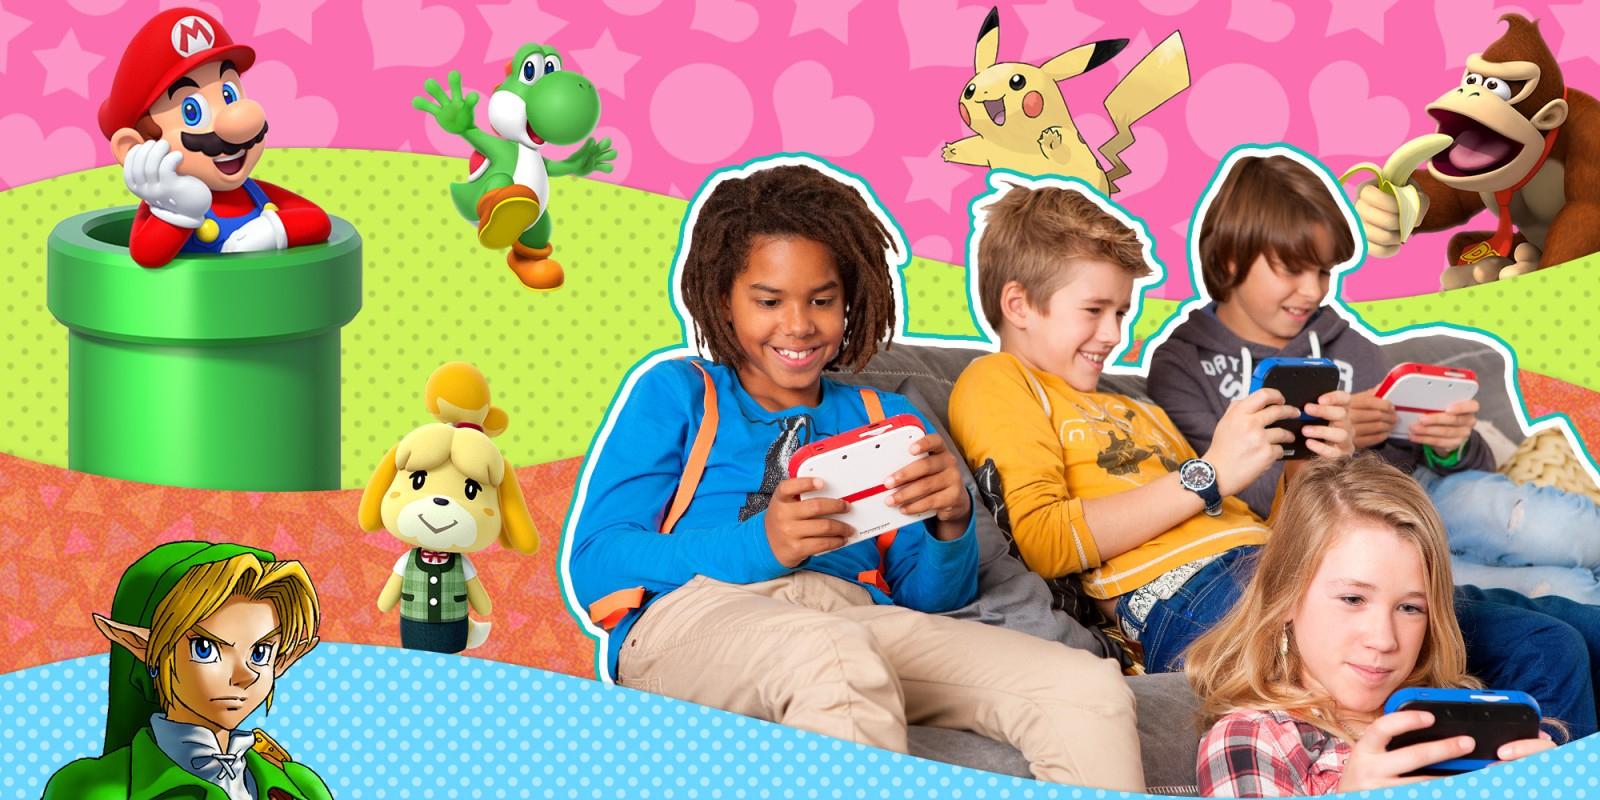 Jeux Nintendo Pour Les Enfants | Nintendo pour Jeux De Fille 3 Ans Gratuit